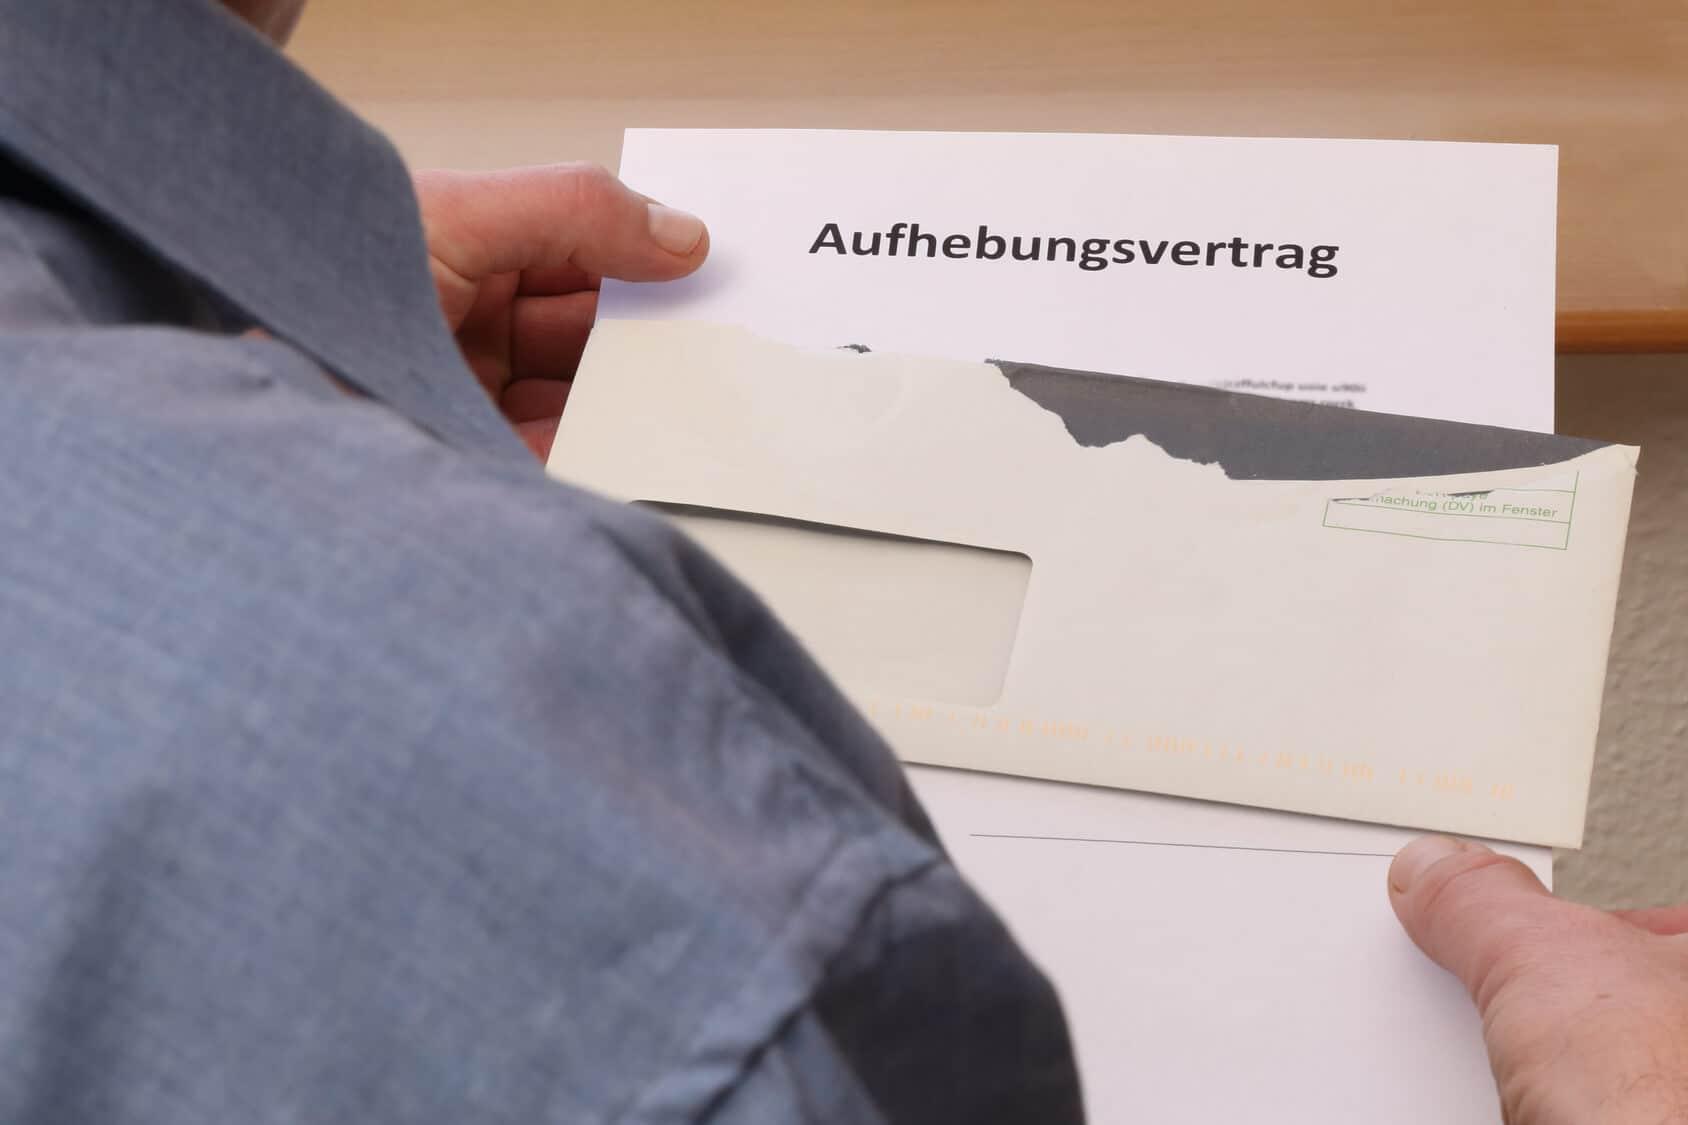 Der Aufhebungsvertrag Welche Vereinbarungen Muss Er Enthalten